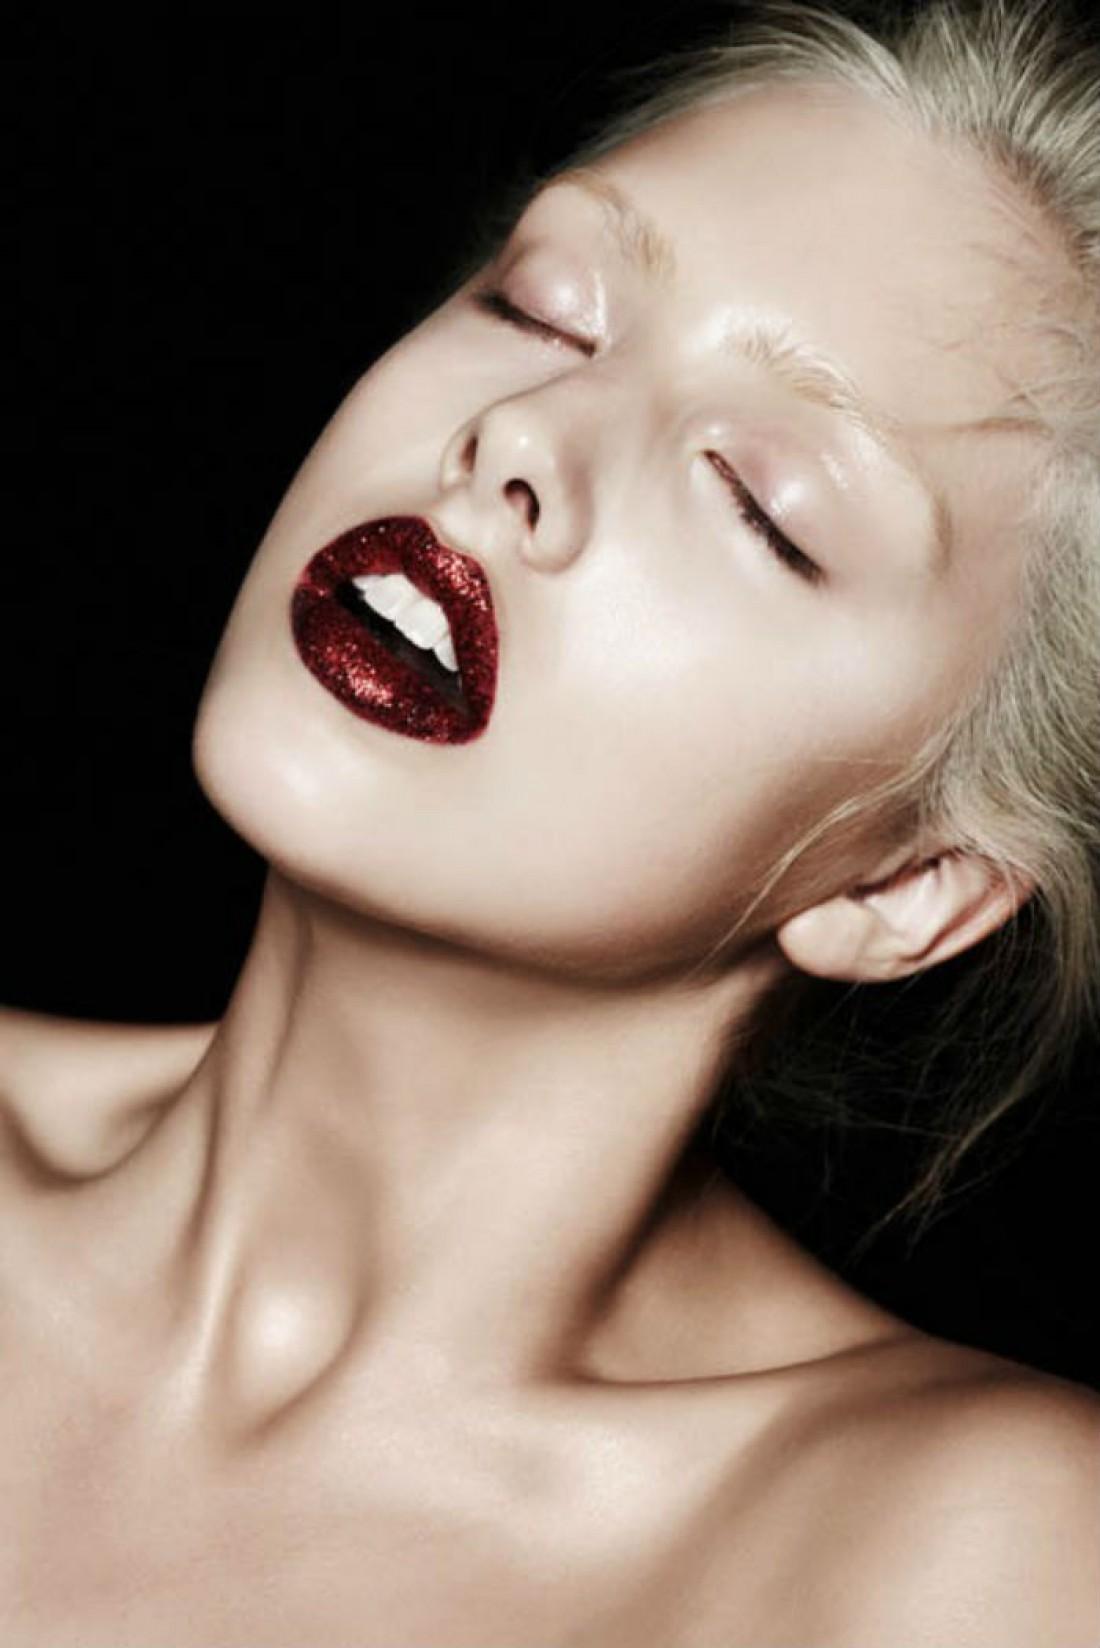 Если у тебя от природы сухая кожа, при нанесении макияжа возникает проблема шелушащейся кожи